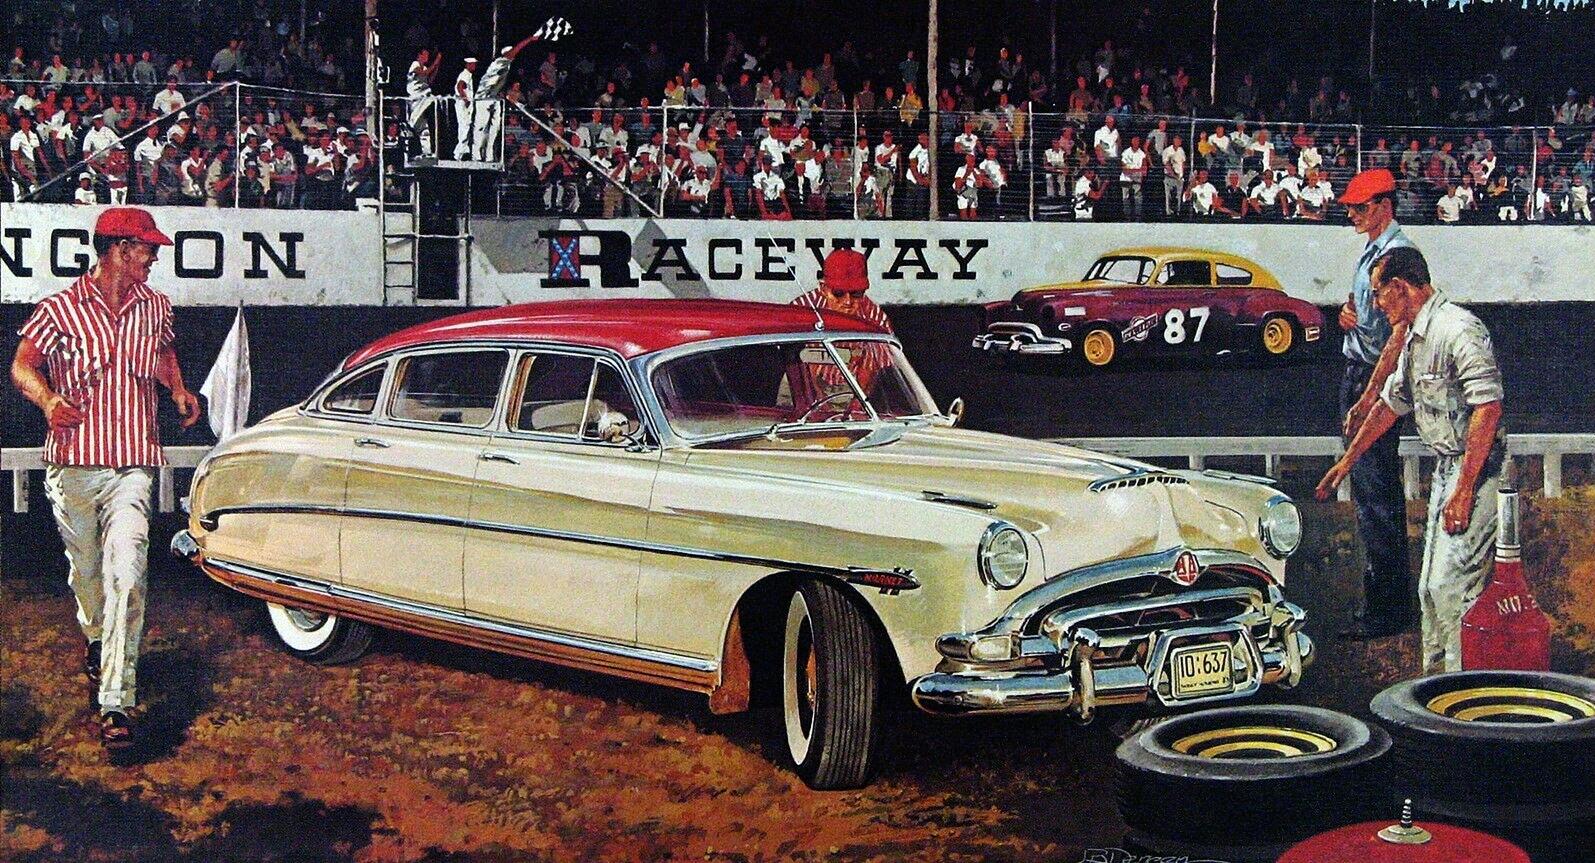 1951. Hudson Hornet. Illustrated by James B. Deneen